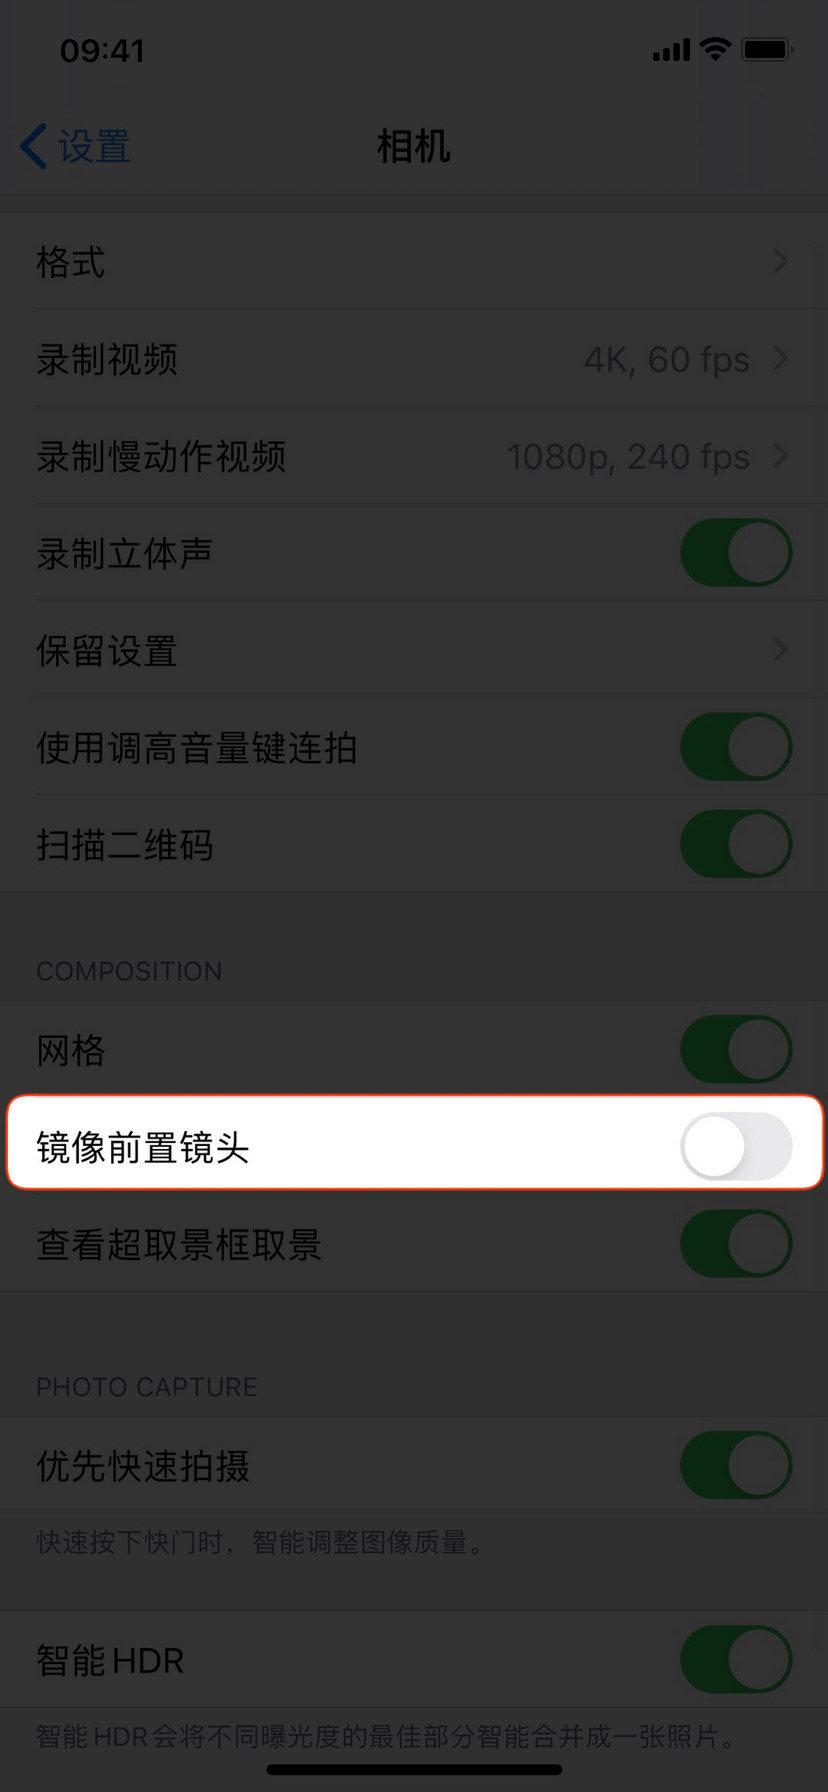 使用 iPhone 前置自拍时如何开启画面镜像?